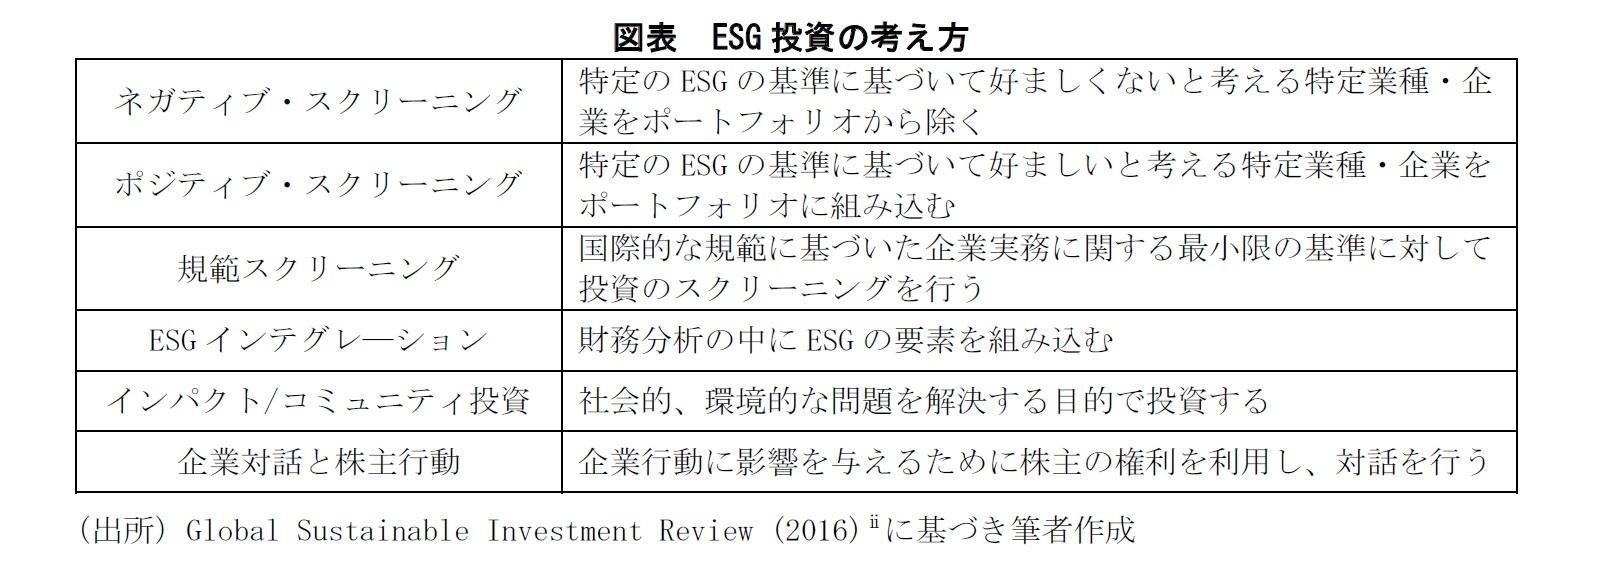 図表:ESG投資の考え方